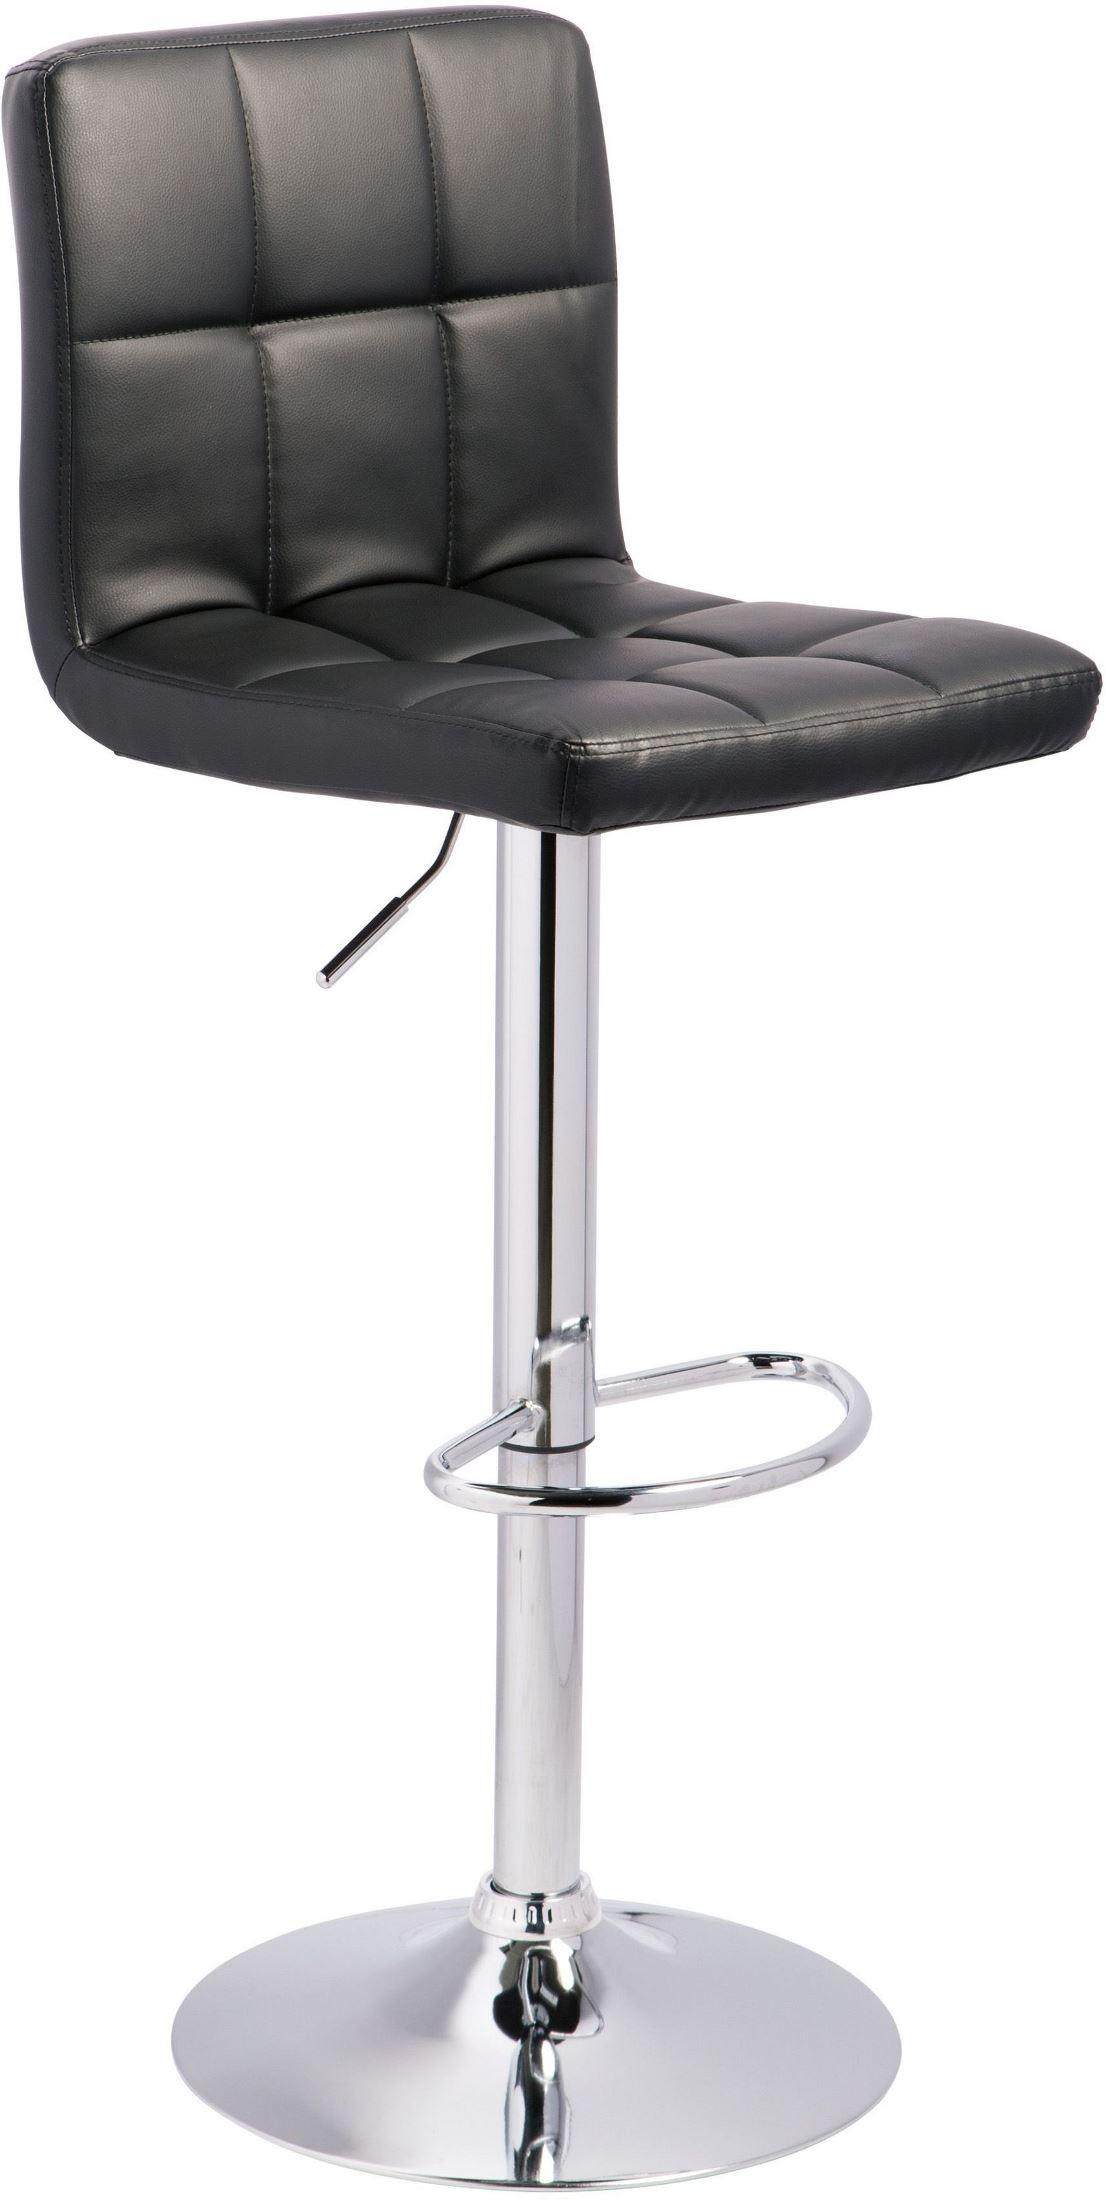 Black And Chrome Tall Upholstered Swivel Barstool Set Of 2